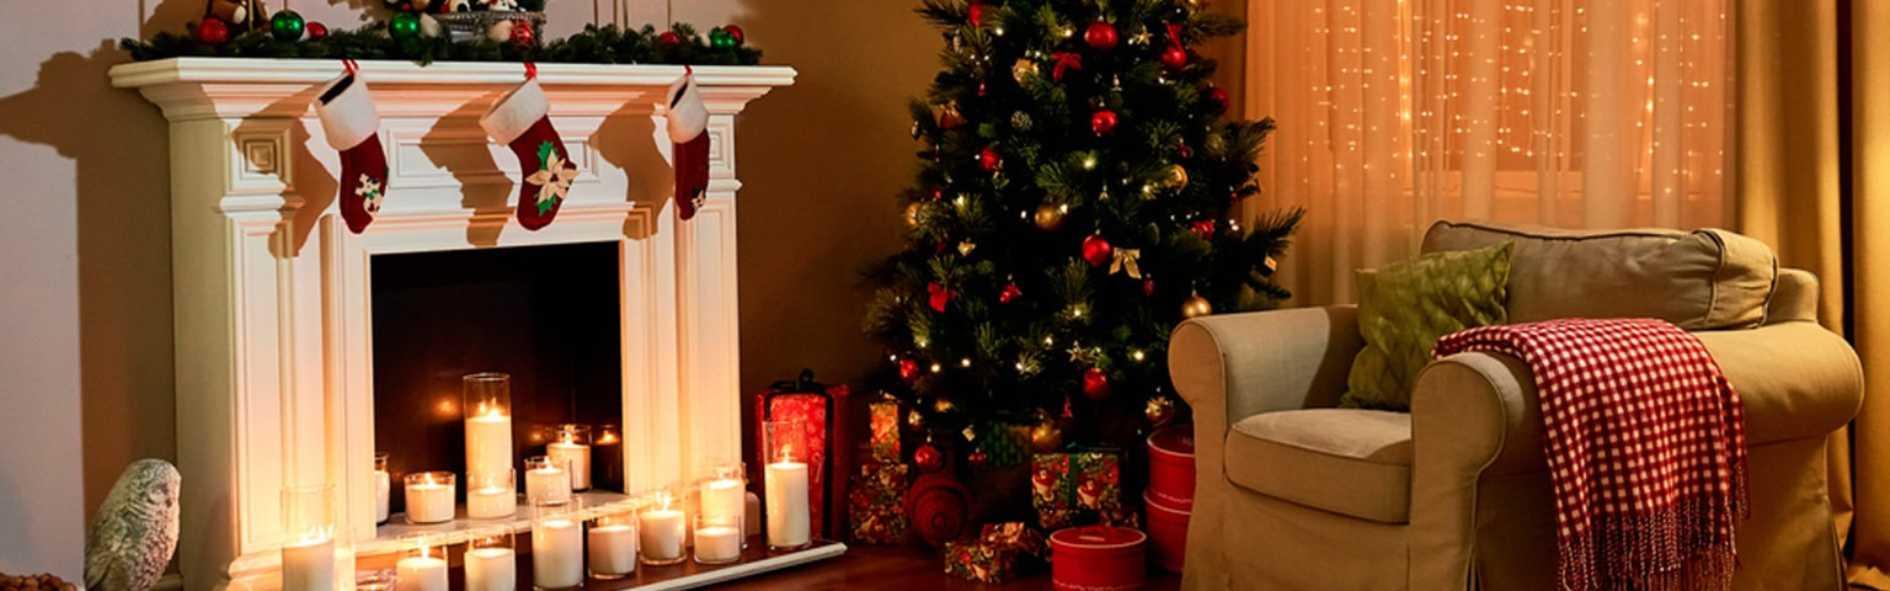 Descubre la decoración navideña y su significado en esta época del año